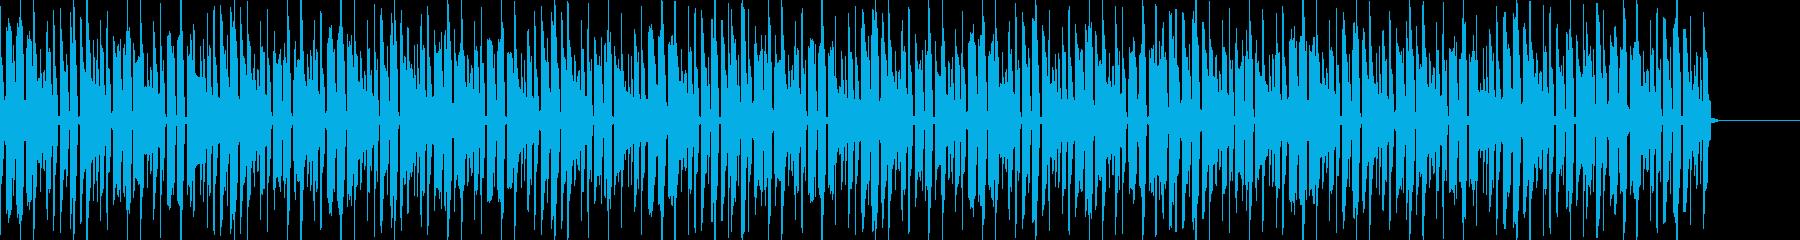 可愛い夏をイメージしやすいヒップホップの再生済みの波形